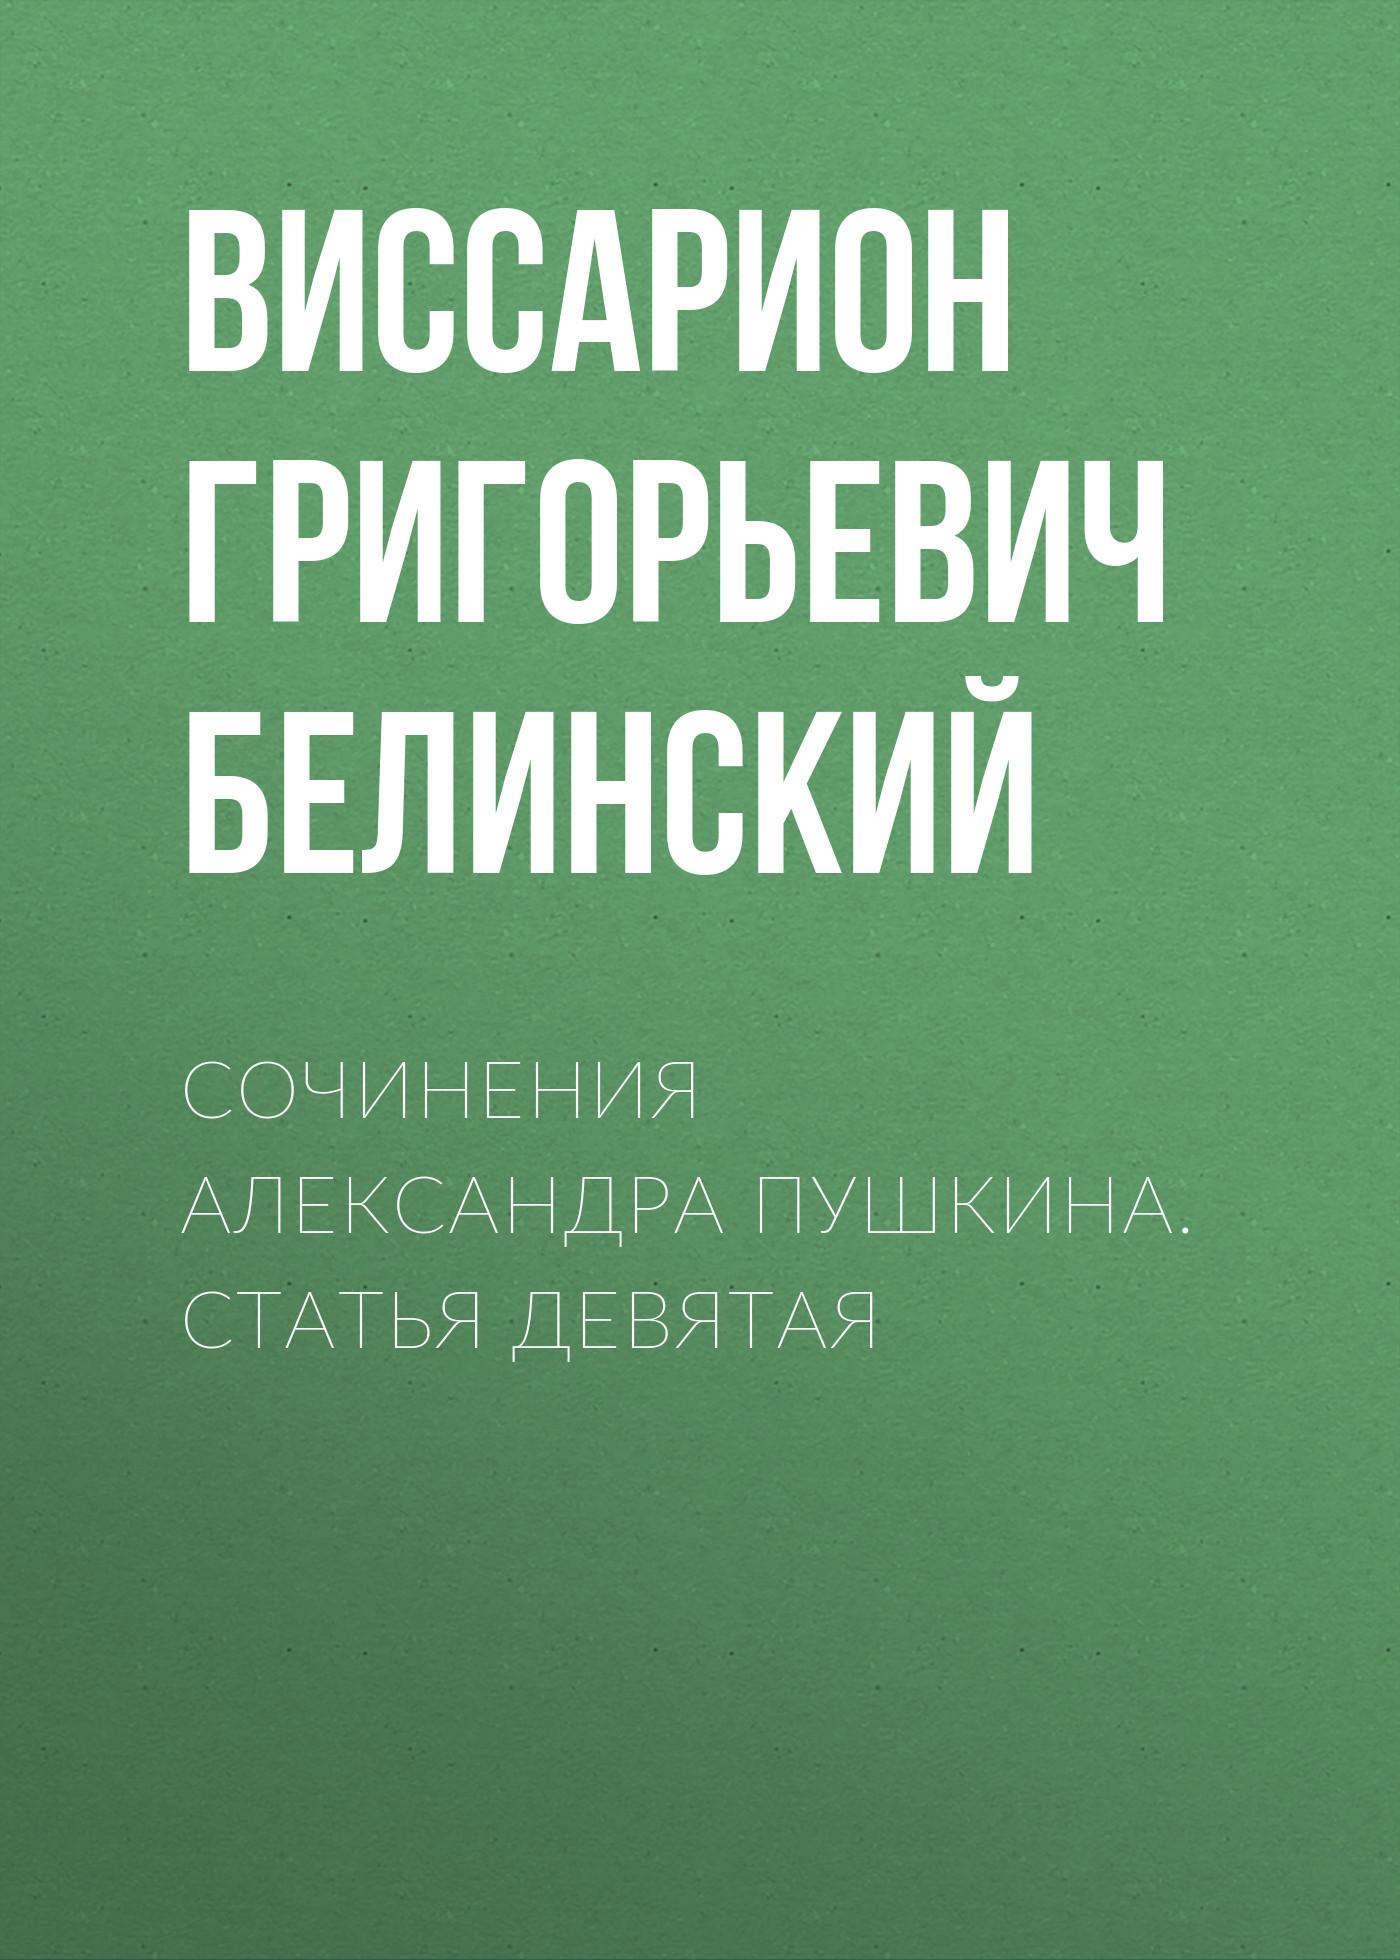 Сочинения Александра Пушкина. Статья девятая